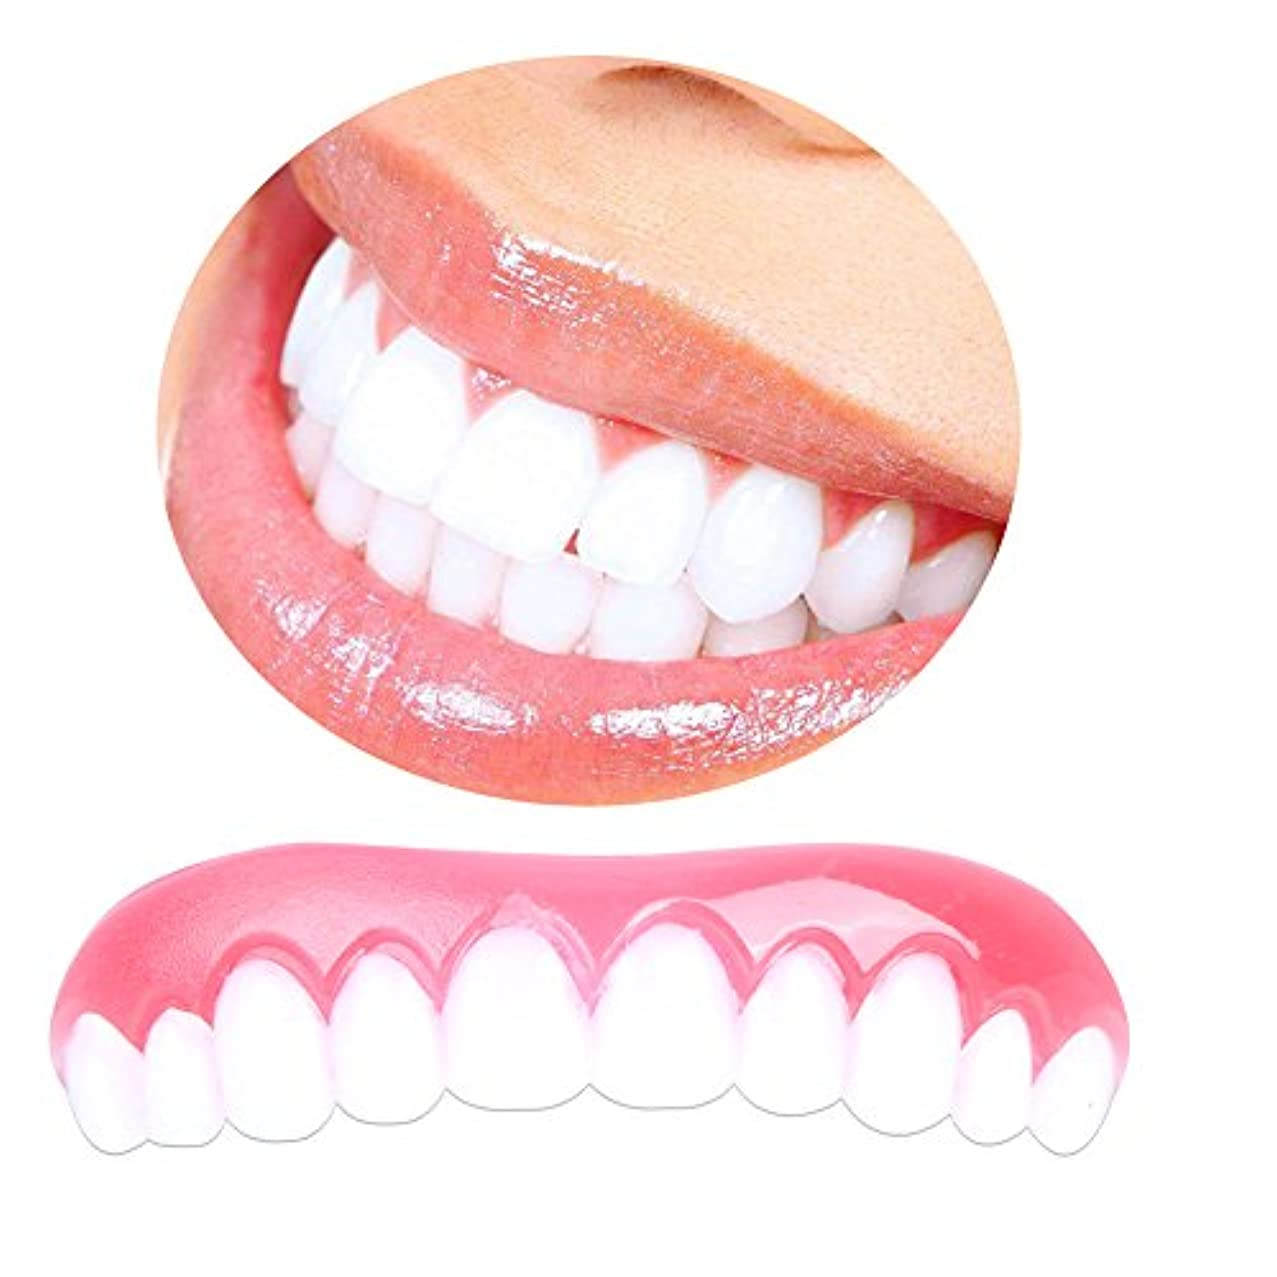 リフト嵐風邪をひくコンフォートフィットフレックス化粧品歯パーフェクトスマイルベニアダブの歯の矯正用ダブ歯用ホワイトパーフェクトスマイルベニア歯のホワイトニング-2個